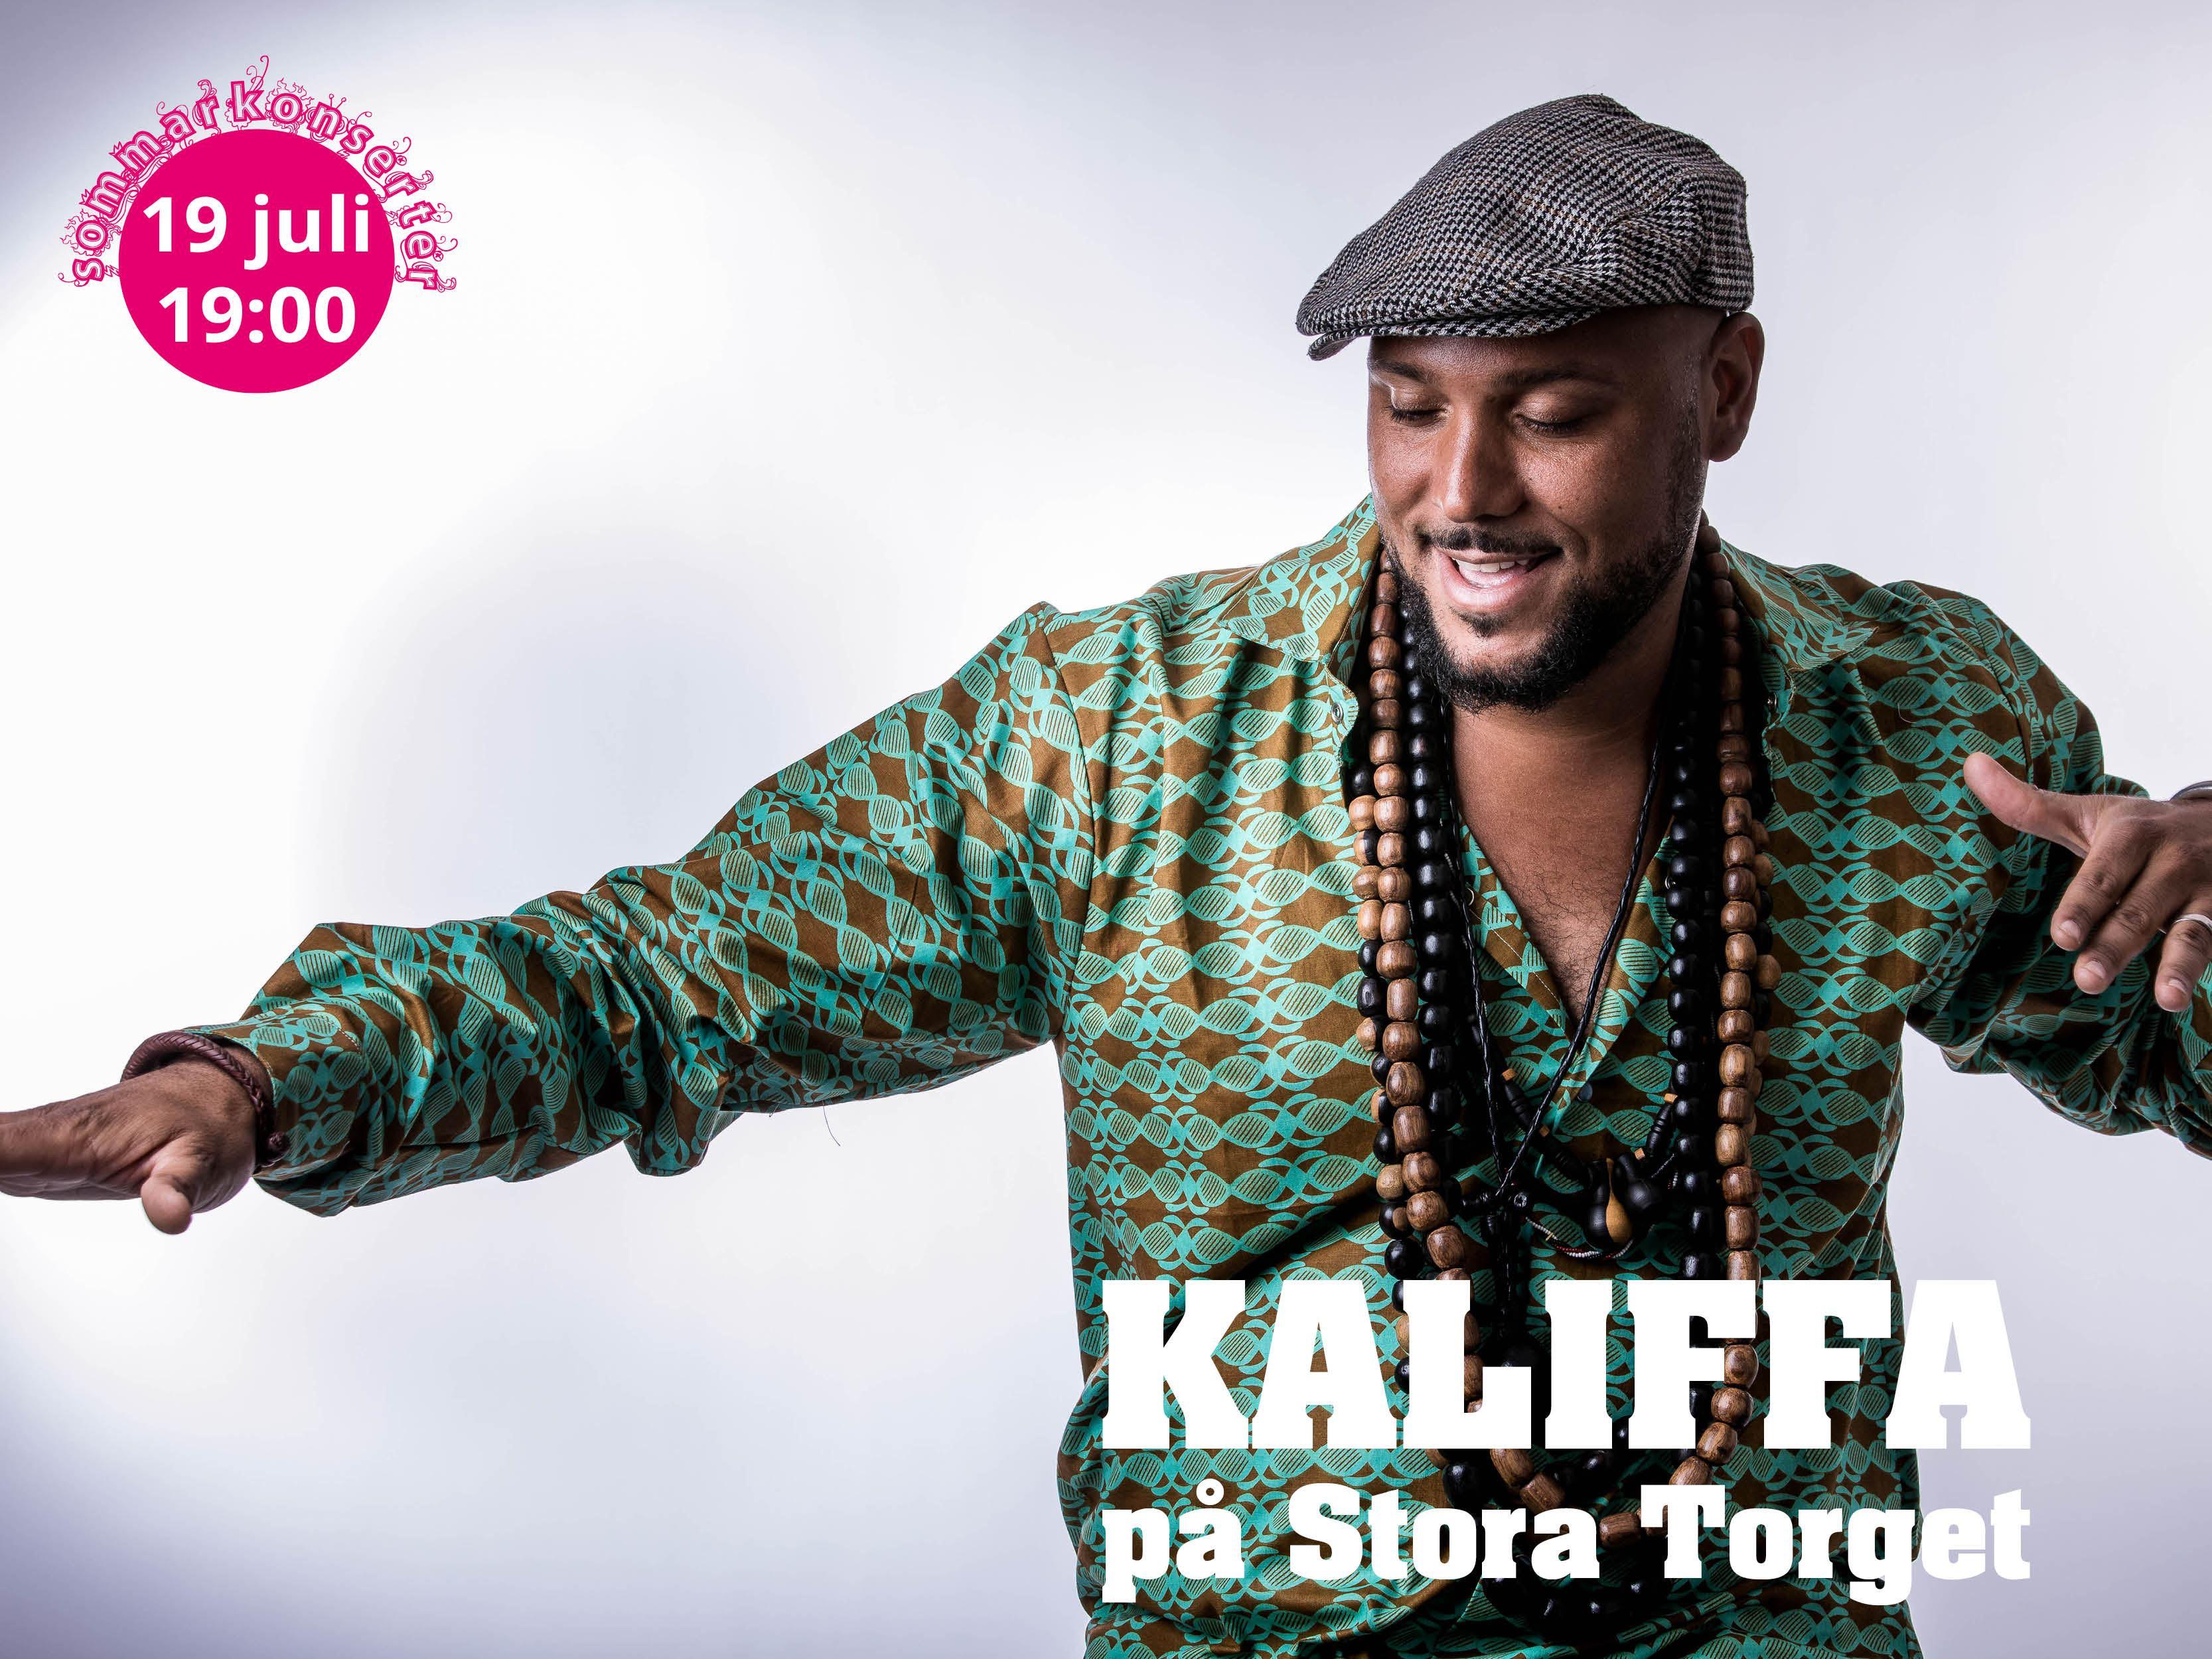 Sommarkonsert och Allsång - Kaliffa